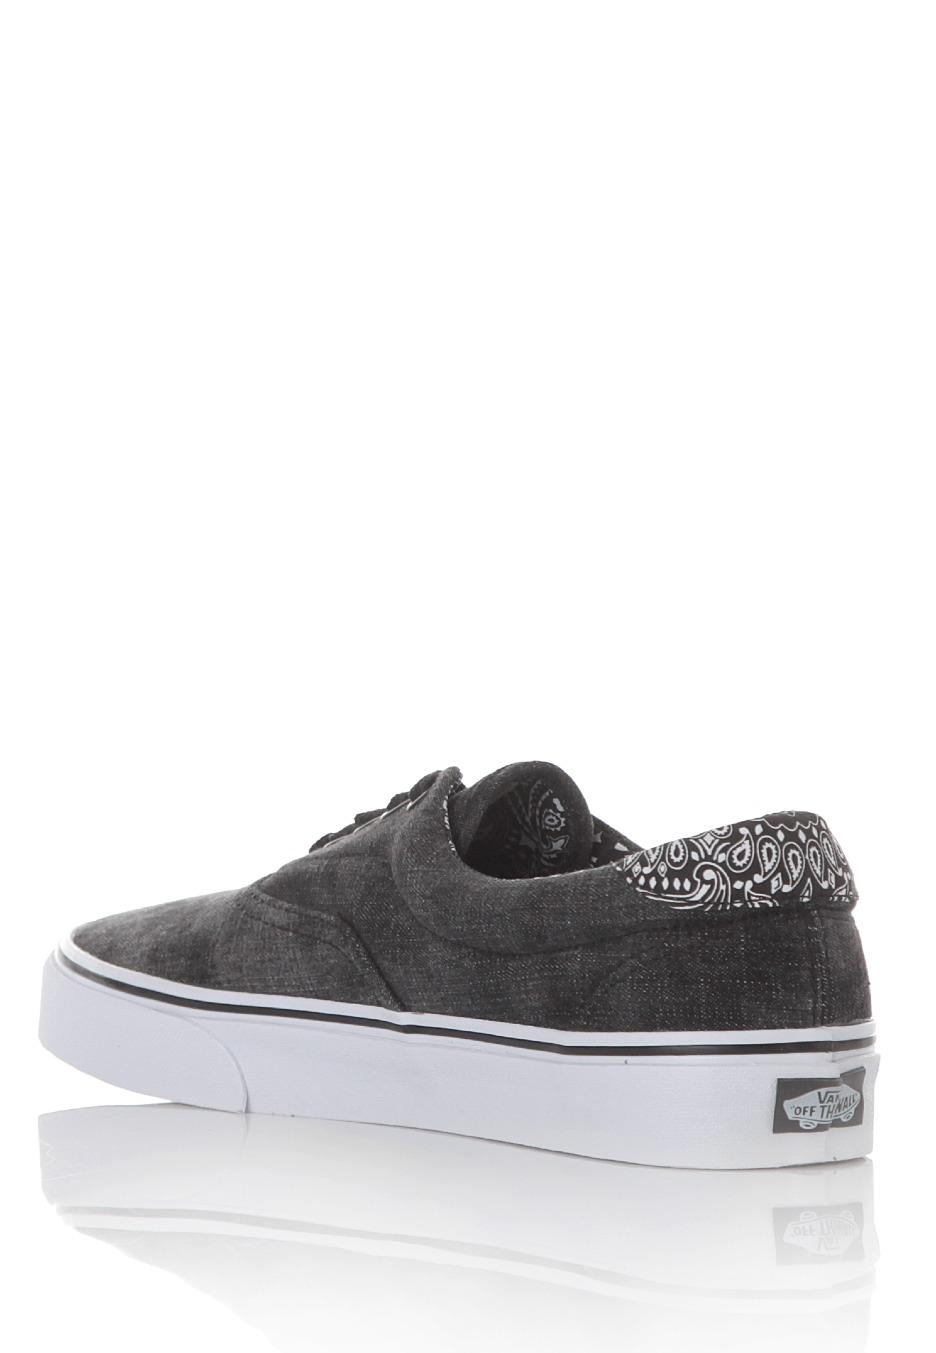 Vans - Era 59 Acid Denim Black Bandana - Shoes - Streetwear Shop ... 4fa493555